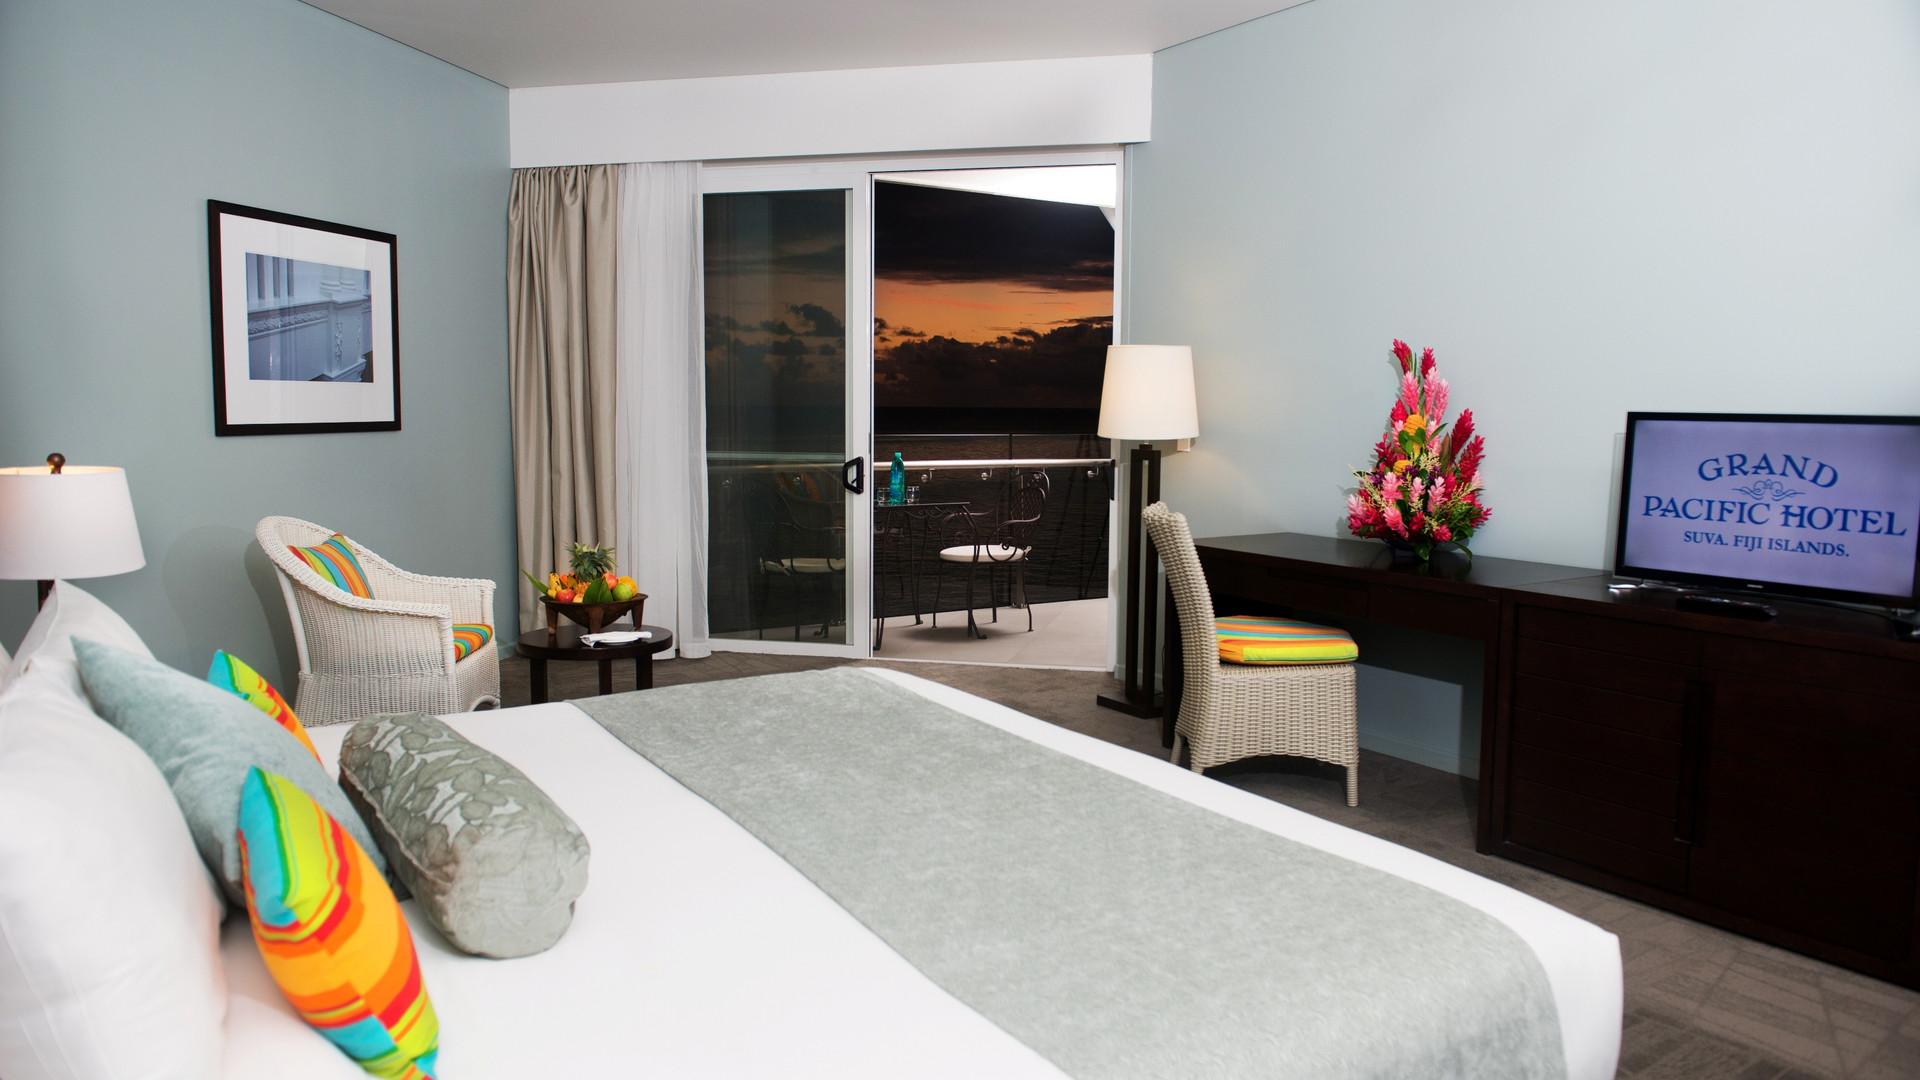 Suva-Grand_Pacific_Hotel-Zimmerbeispiel